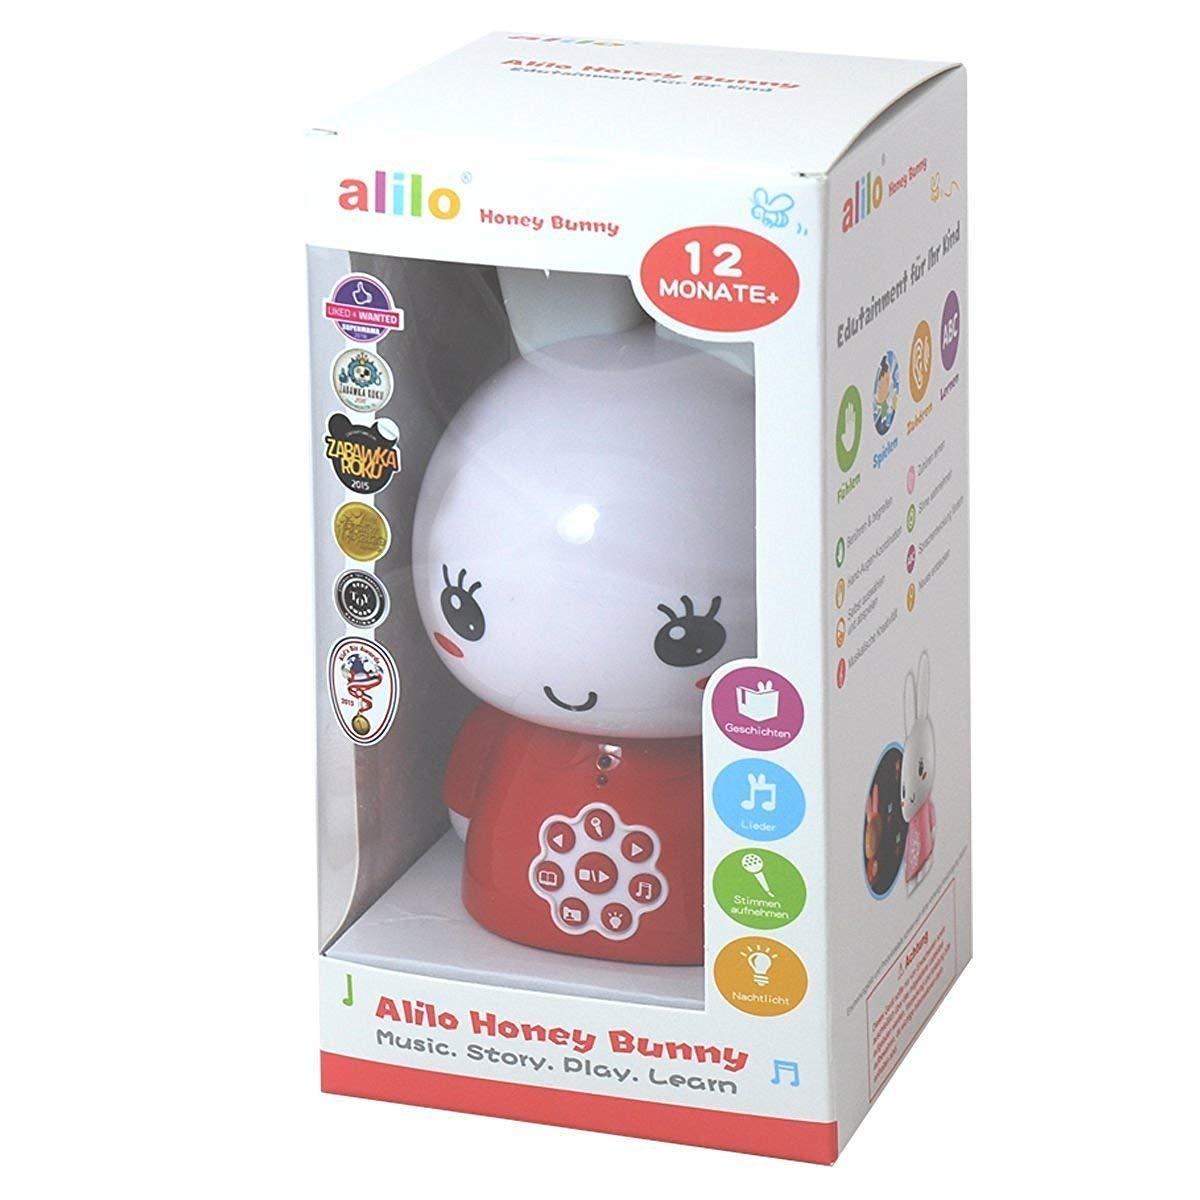 Blau Alilo Honey Bunny Edutainment f/ür Ihr Kind - Mediaplayer - inkl. ausgesuchter Geschichten und Lieder Babyspielzeug Nachtlicht Storyteller Einschlafhilfe